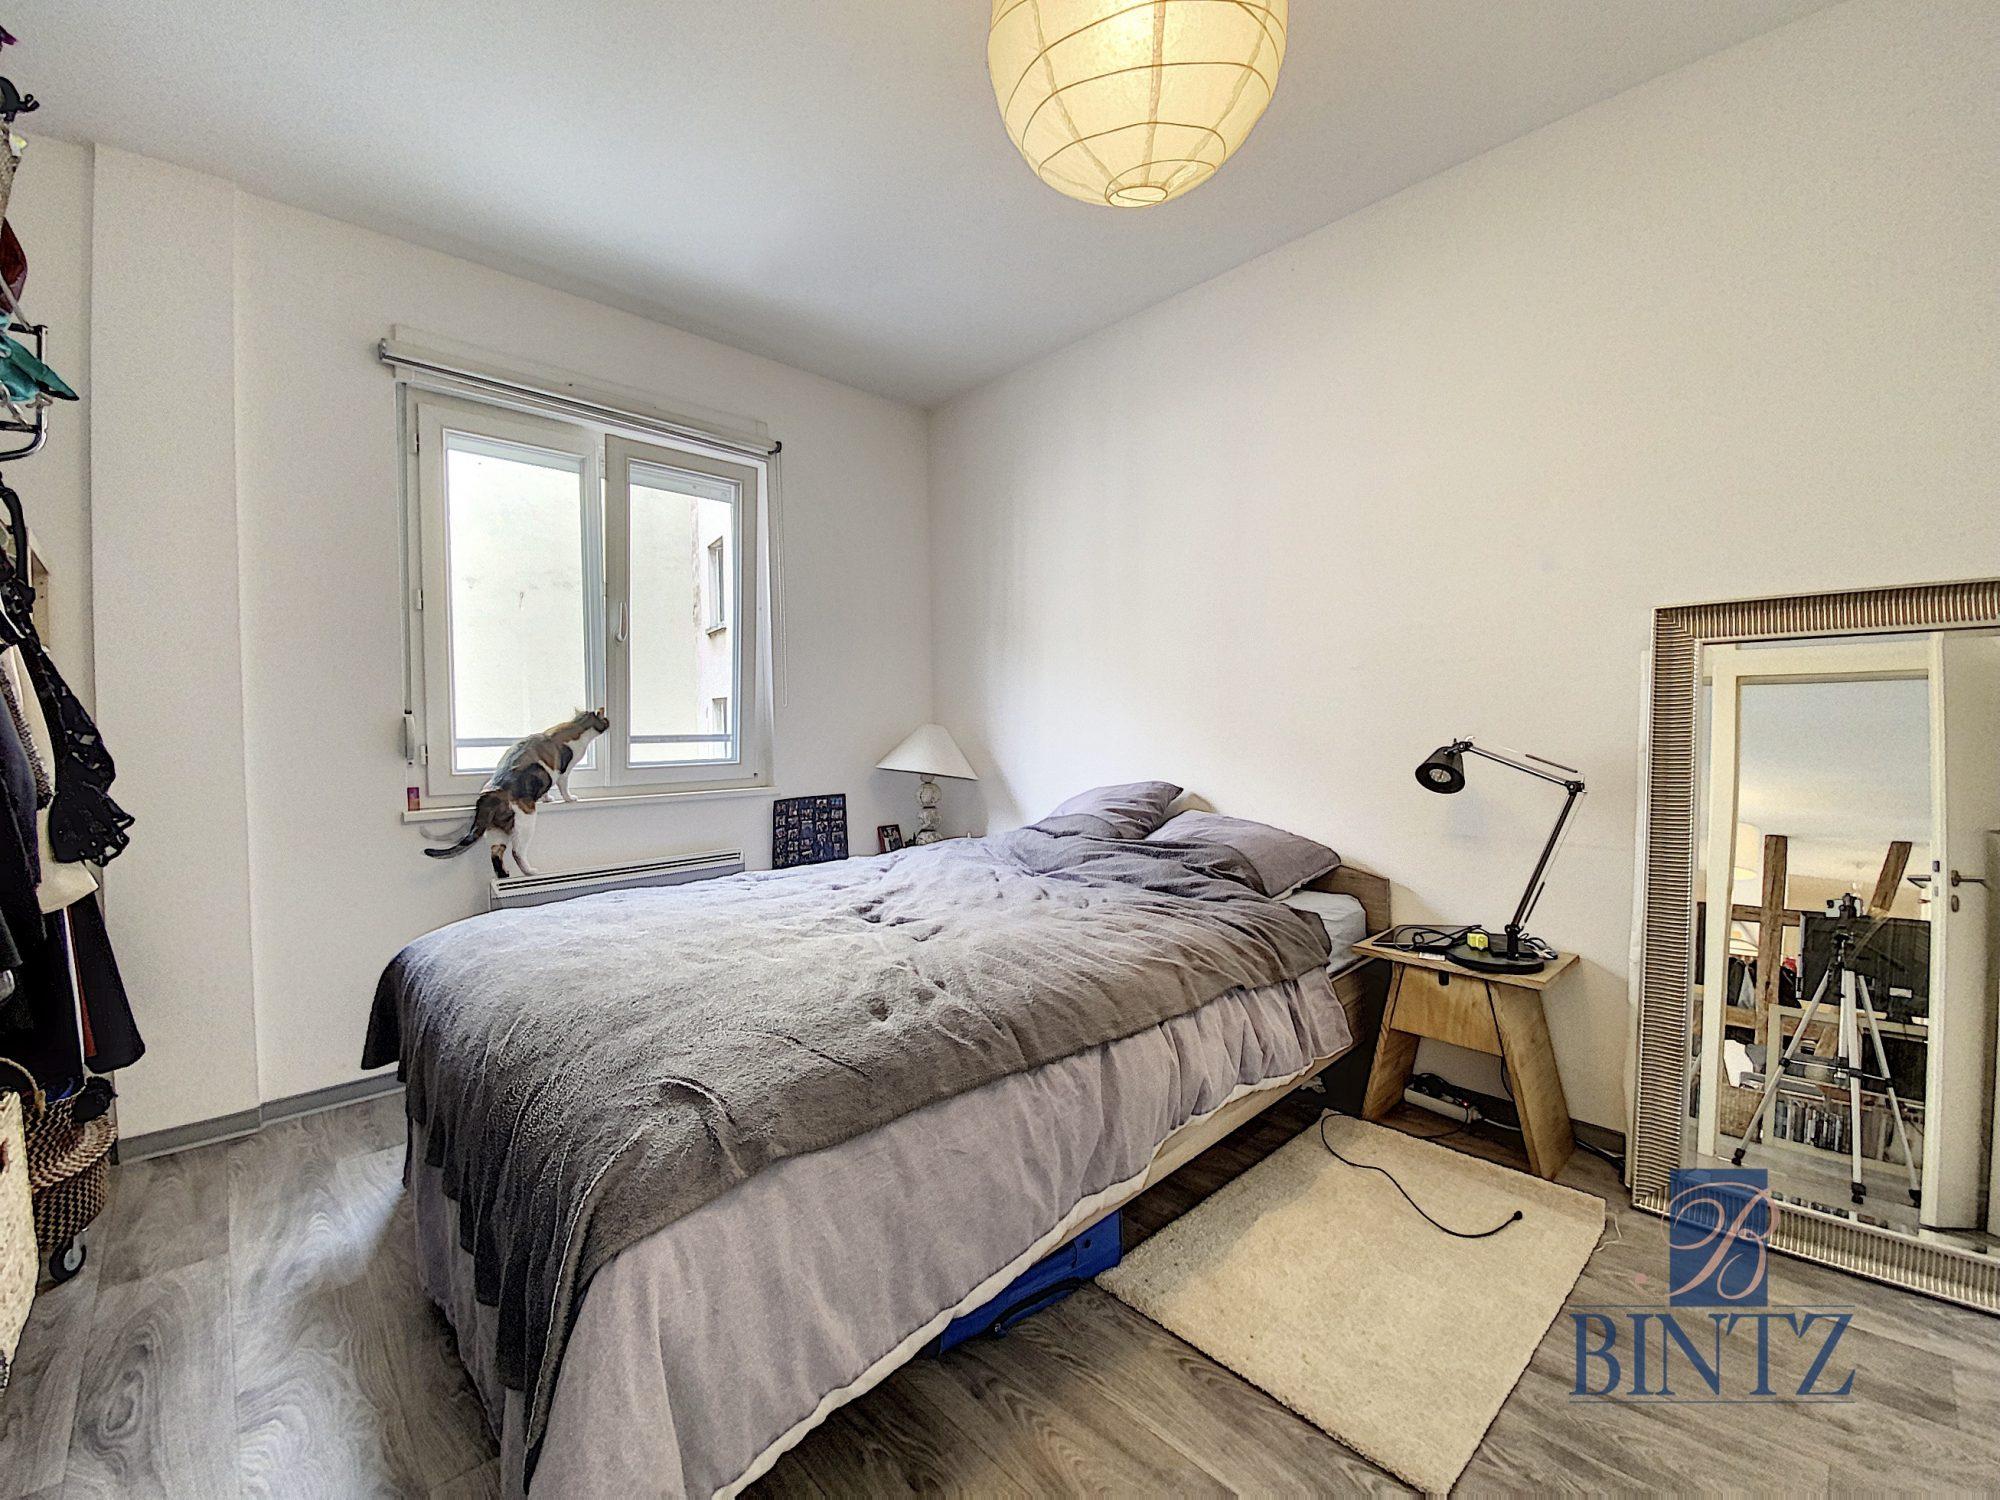 T2 HYPER CENTRE - Devenez locataire en toute sérénité - Bintz Immobilier - 10